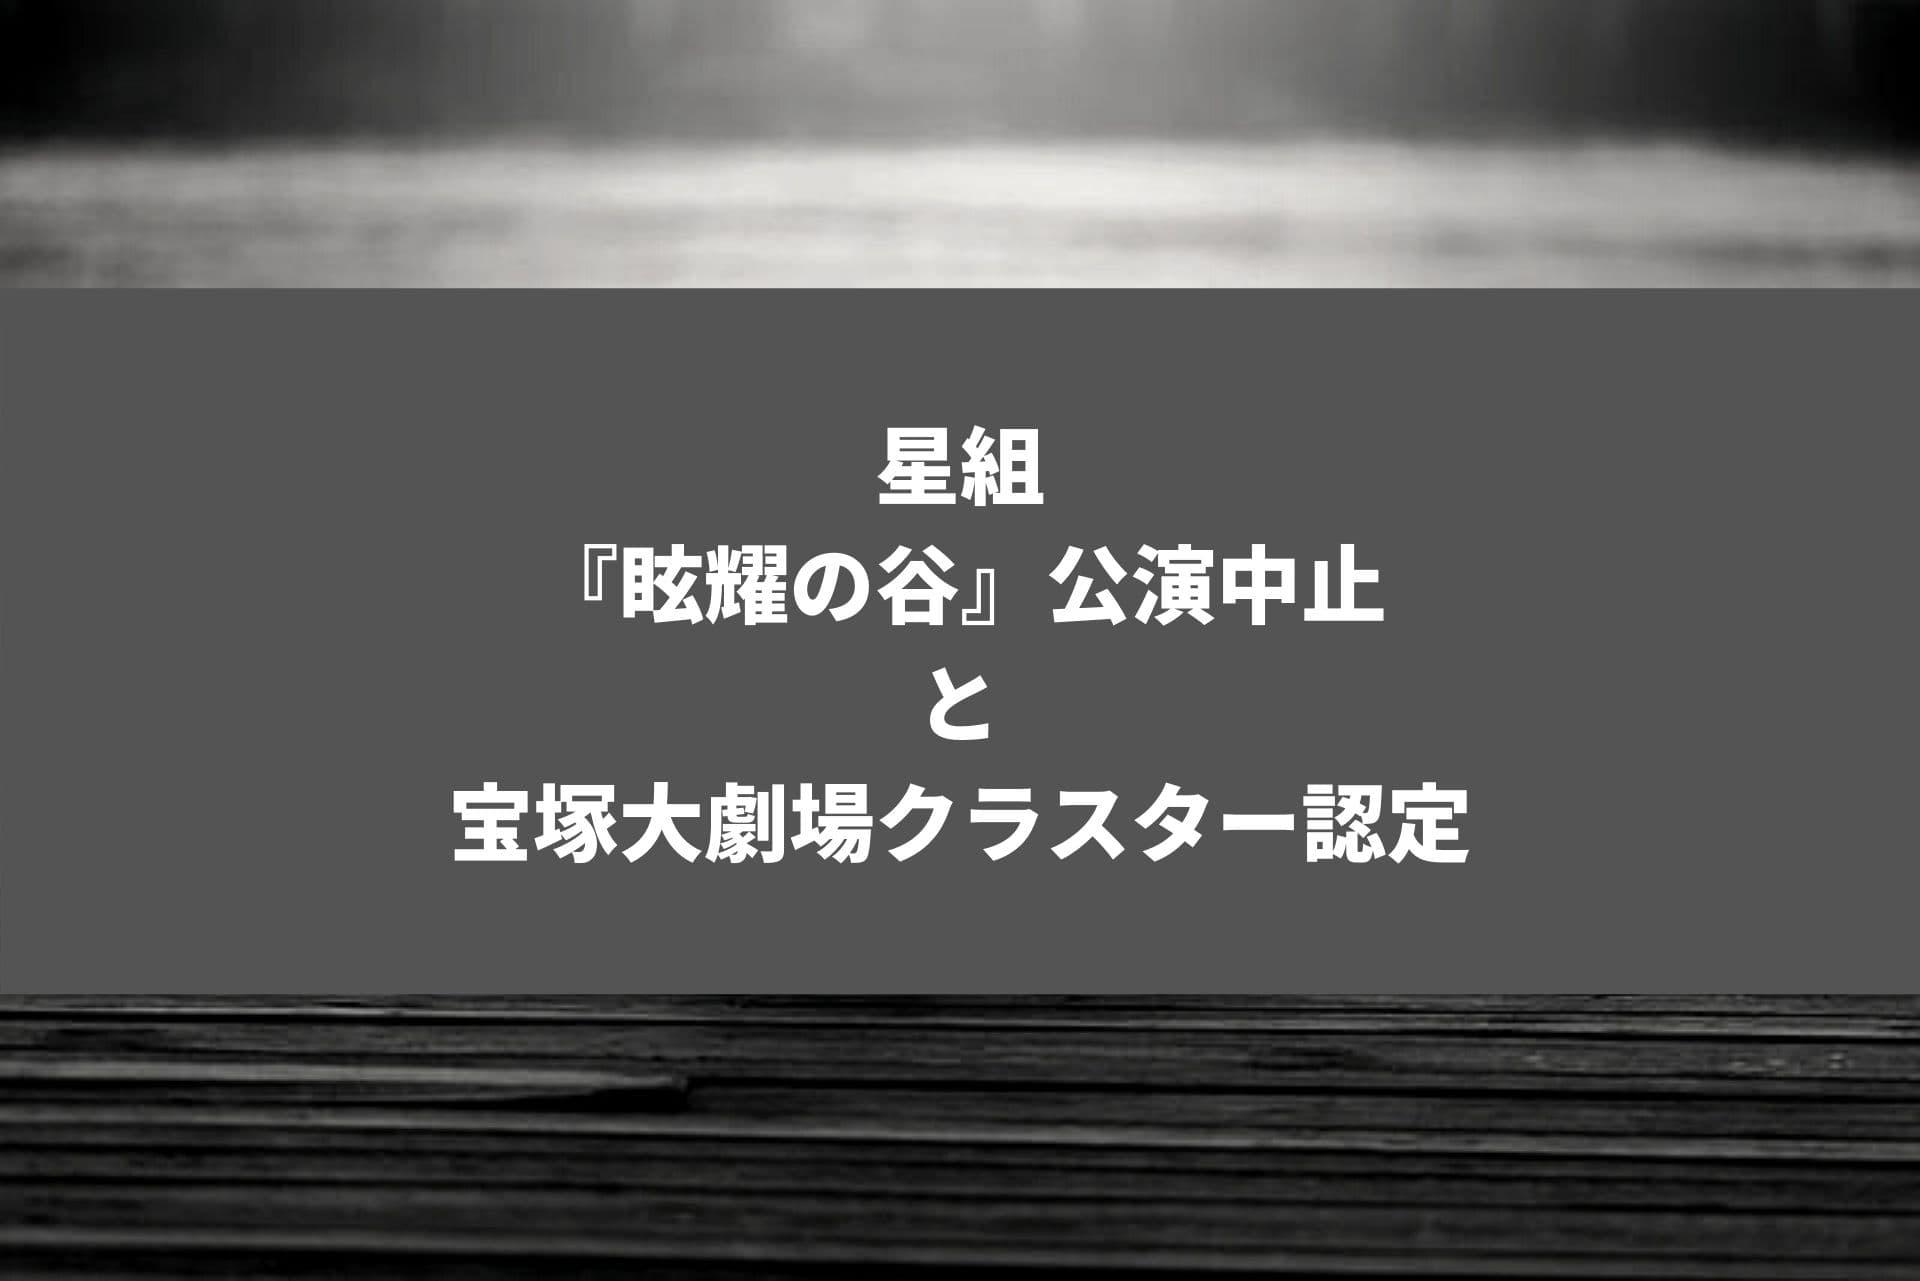 星組『眩耀の谷』公演中止と宝塚大劇場クラスター認定